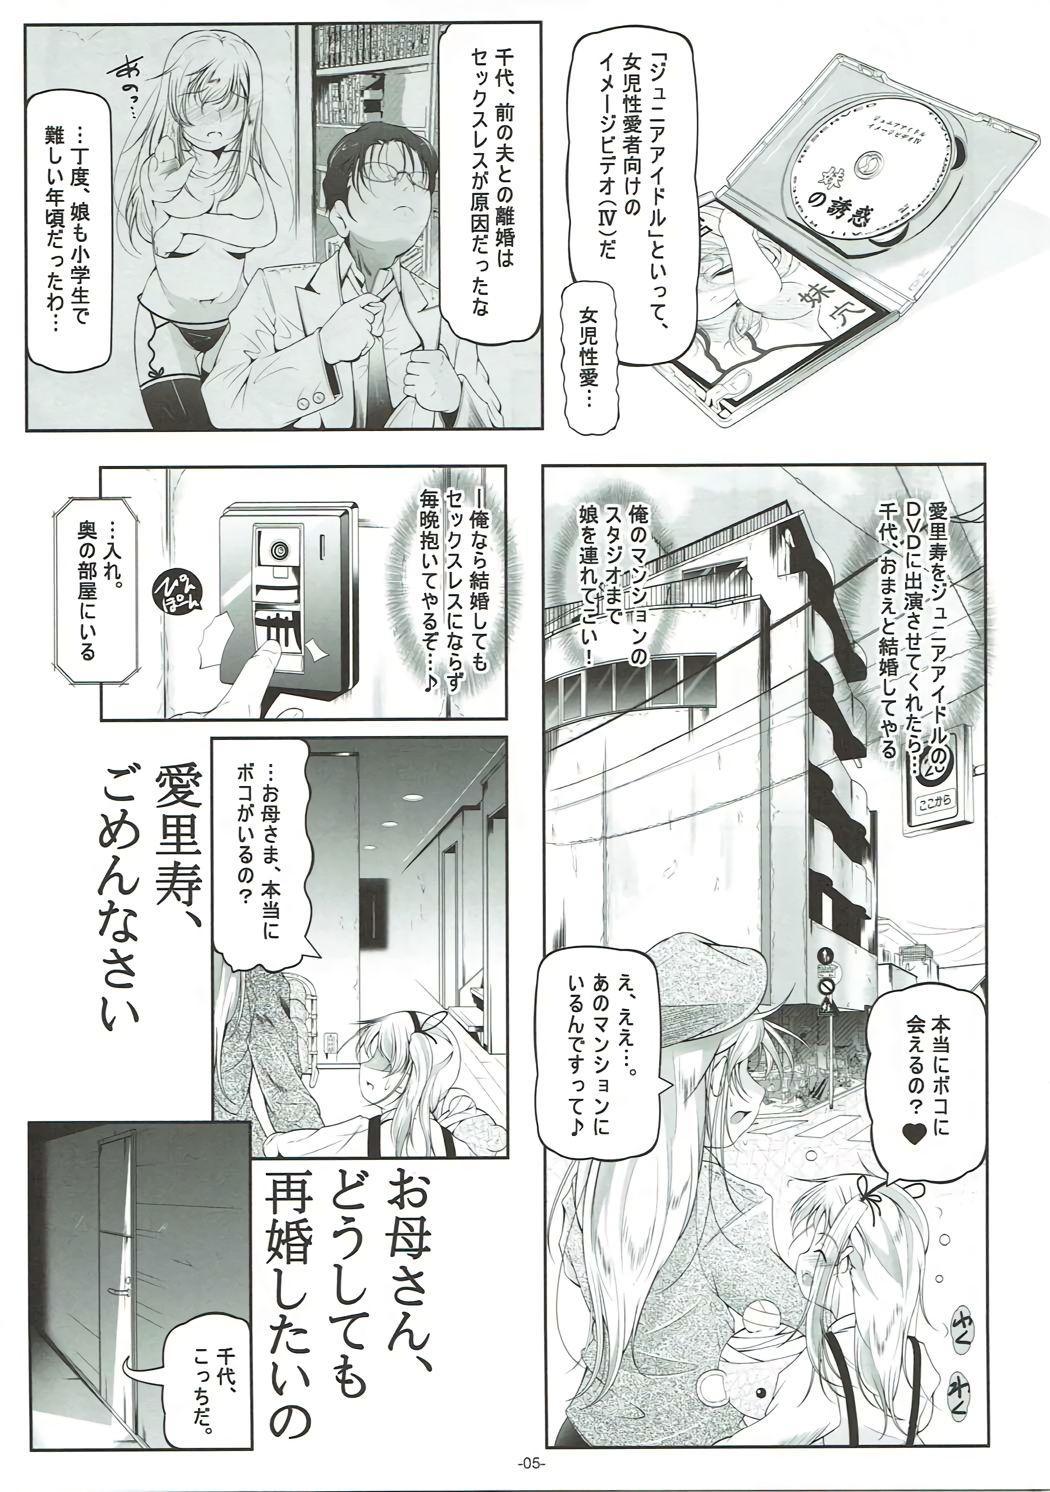 Arisu Onaho-ka Kaihatsu Satsuei 5